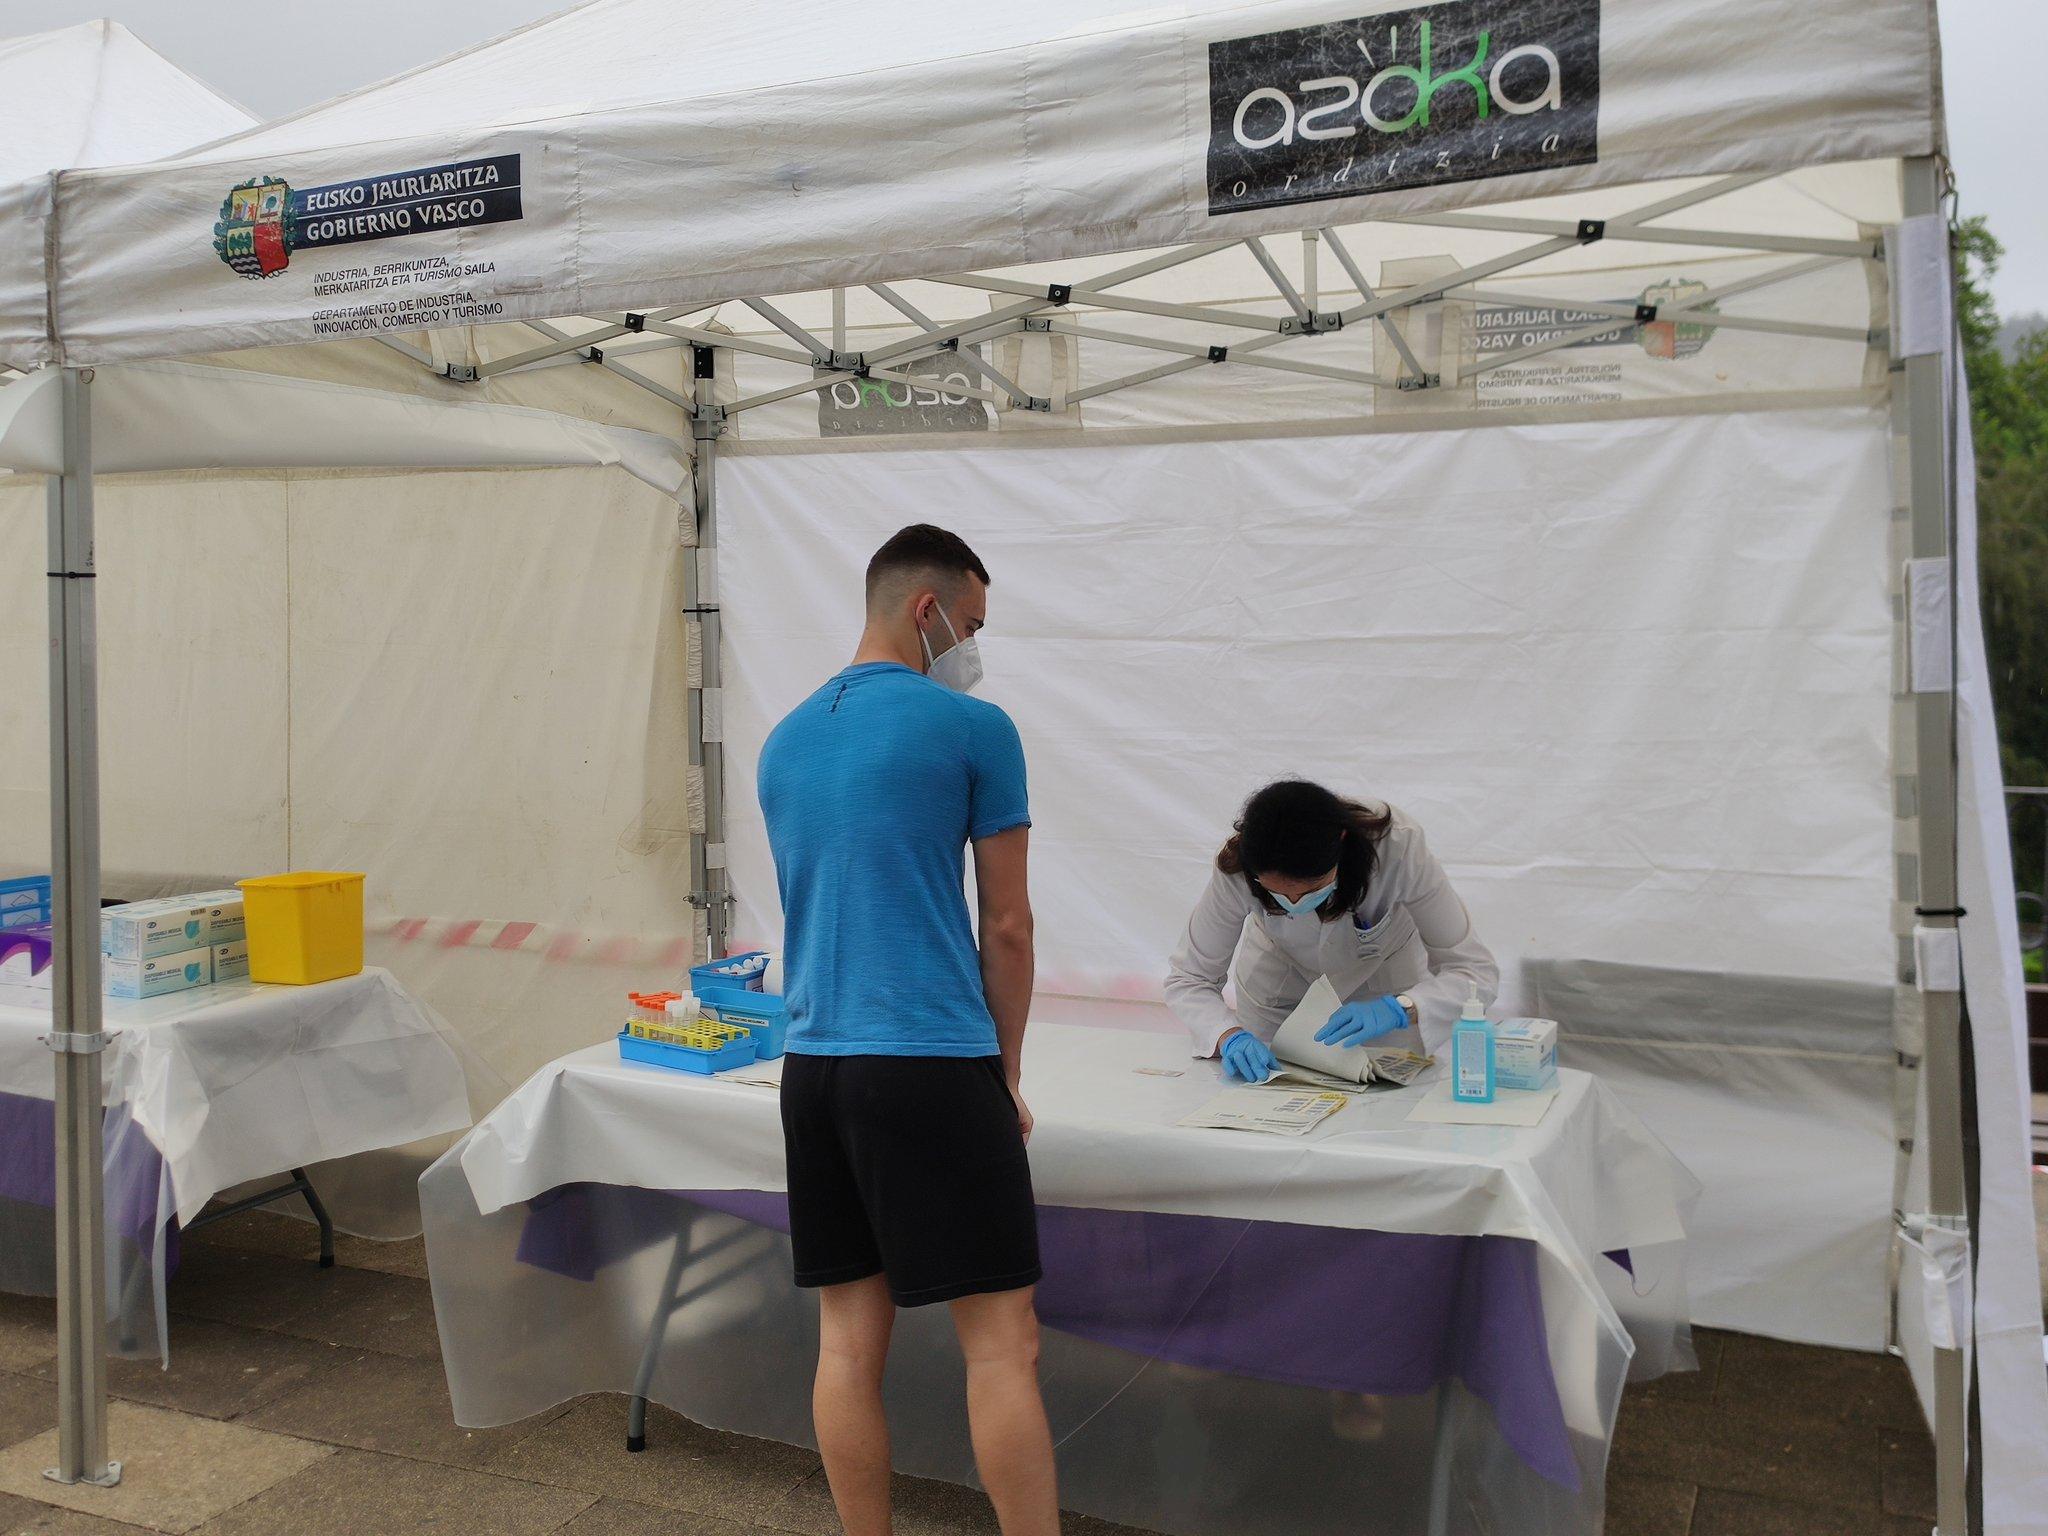 Vacunación esta mañana en Ordizia. Foto: Ayuntamiento de Ordizia (vía twitter)